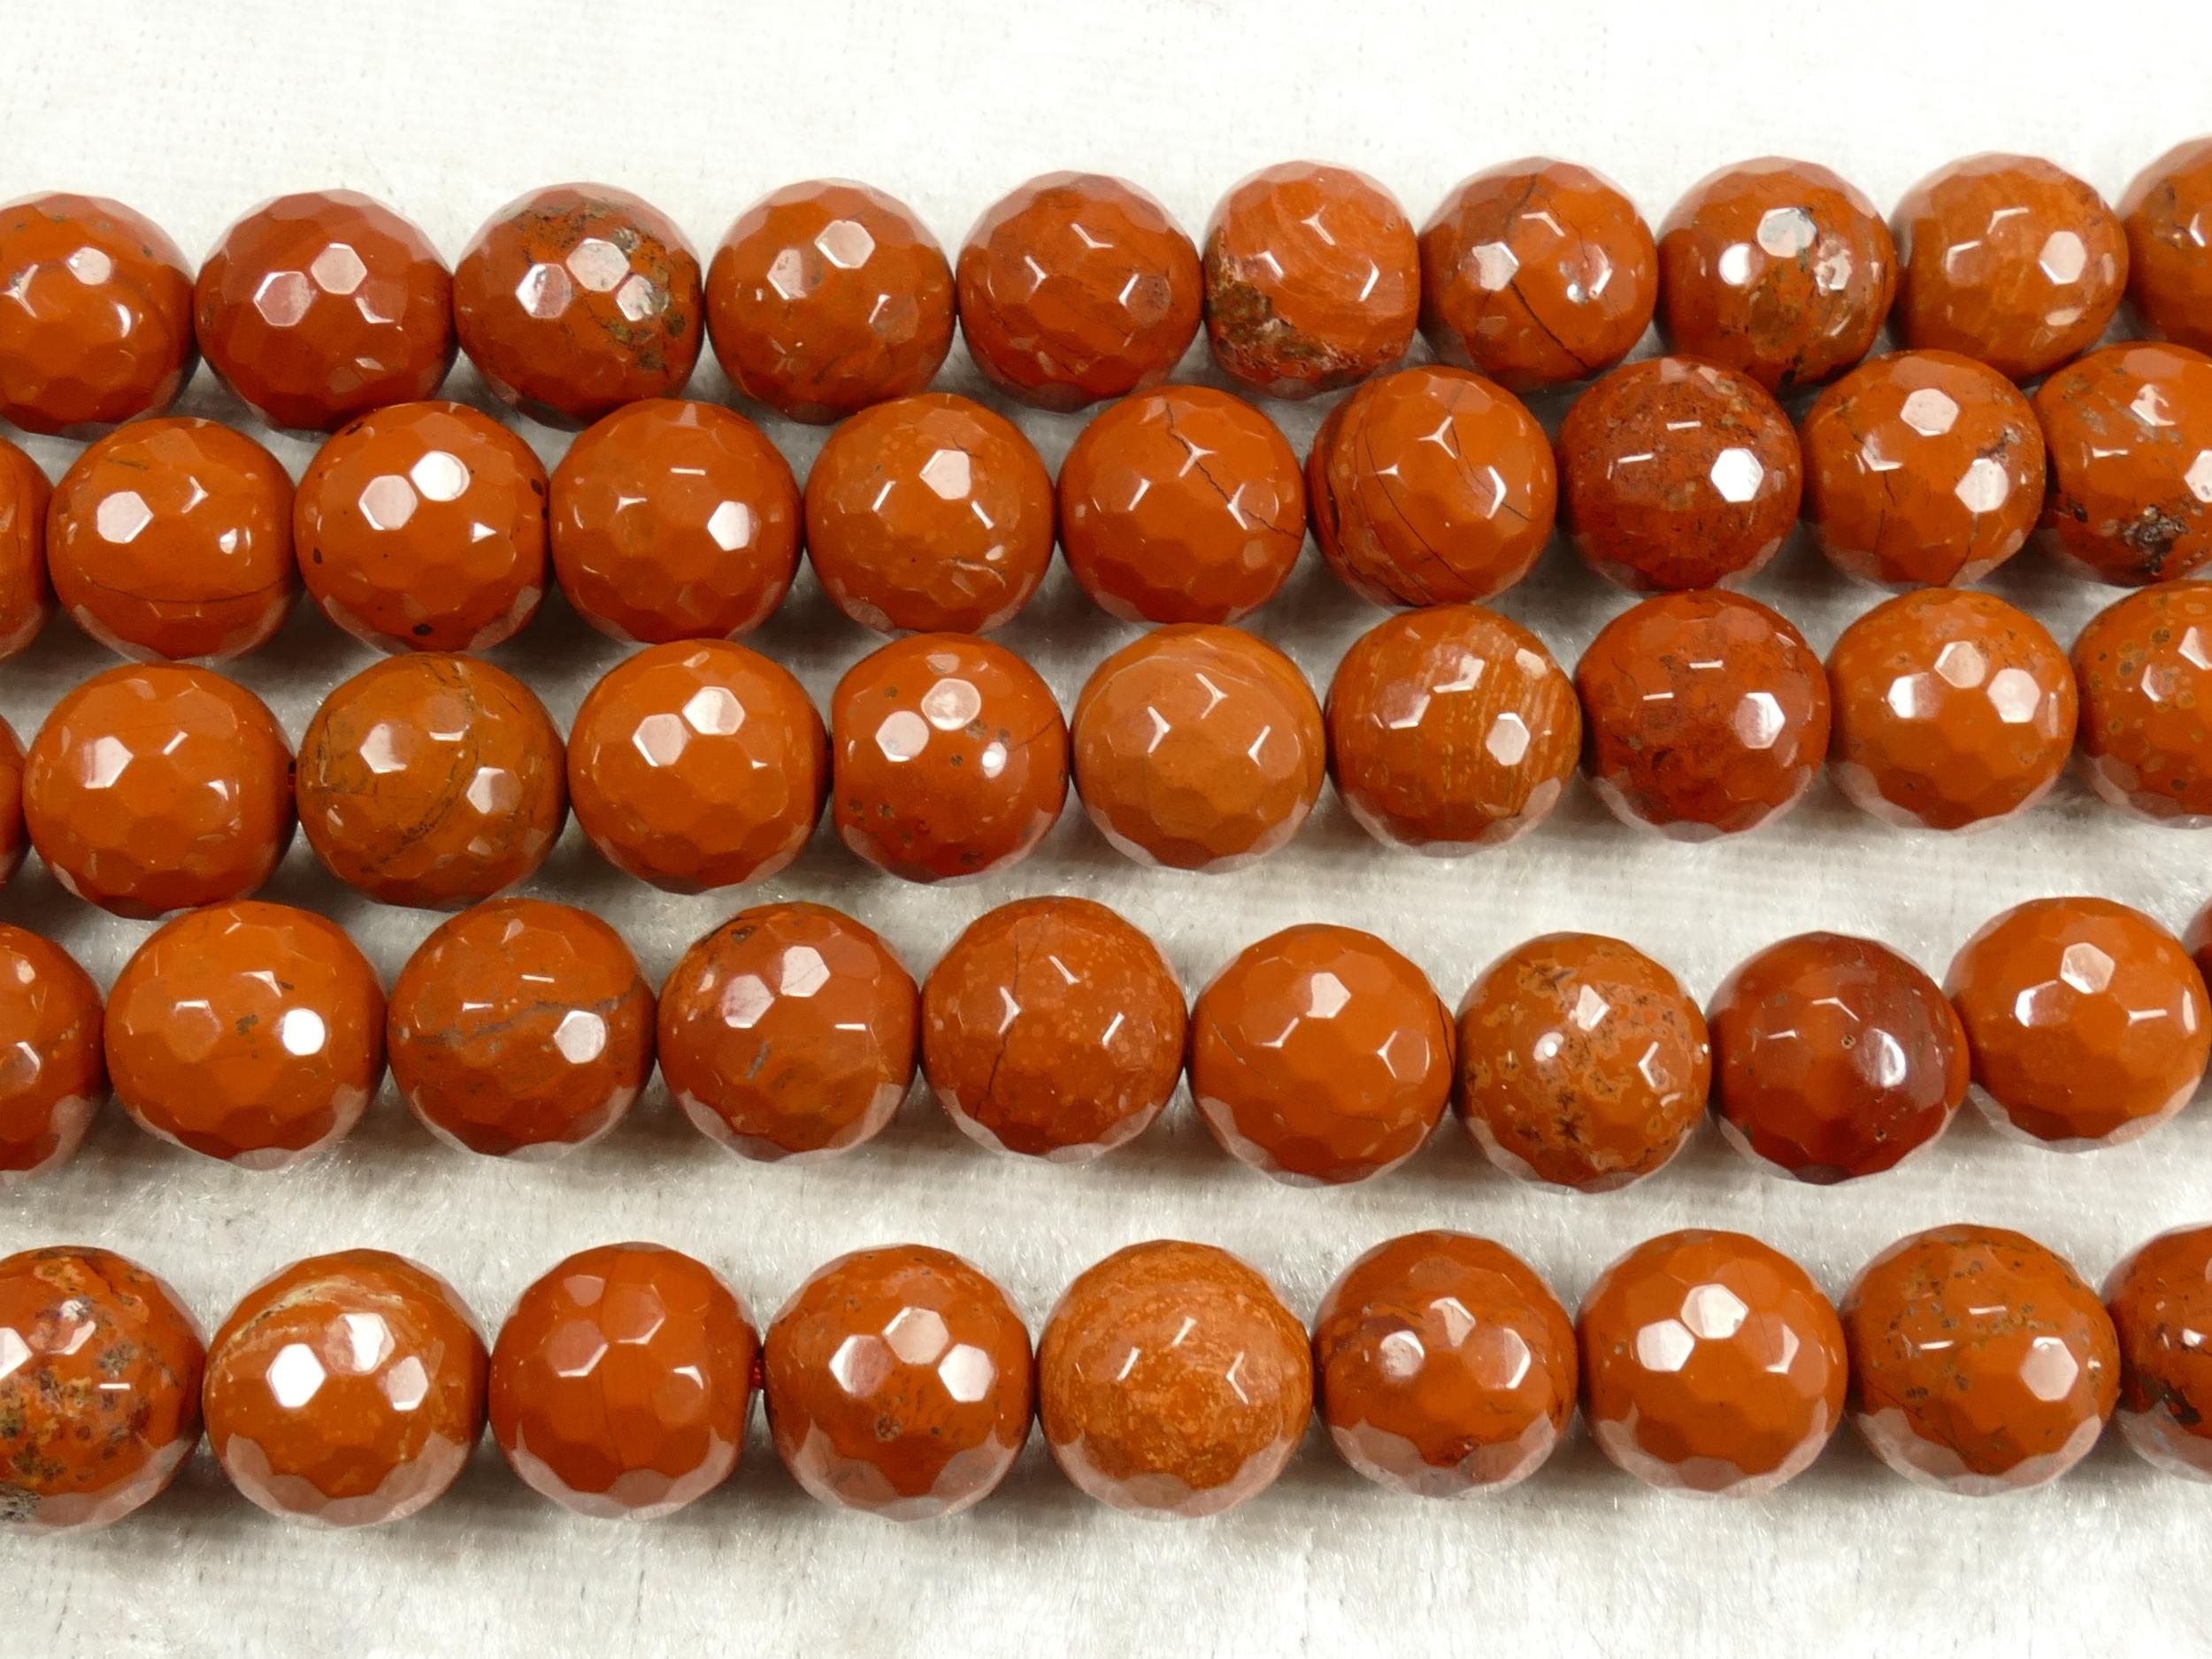 10.1/10.4mm x10 Perles de Jaspe rouge naturel en boule / ronde facettée rouge terre ocre (#AC704)